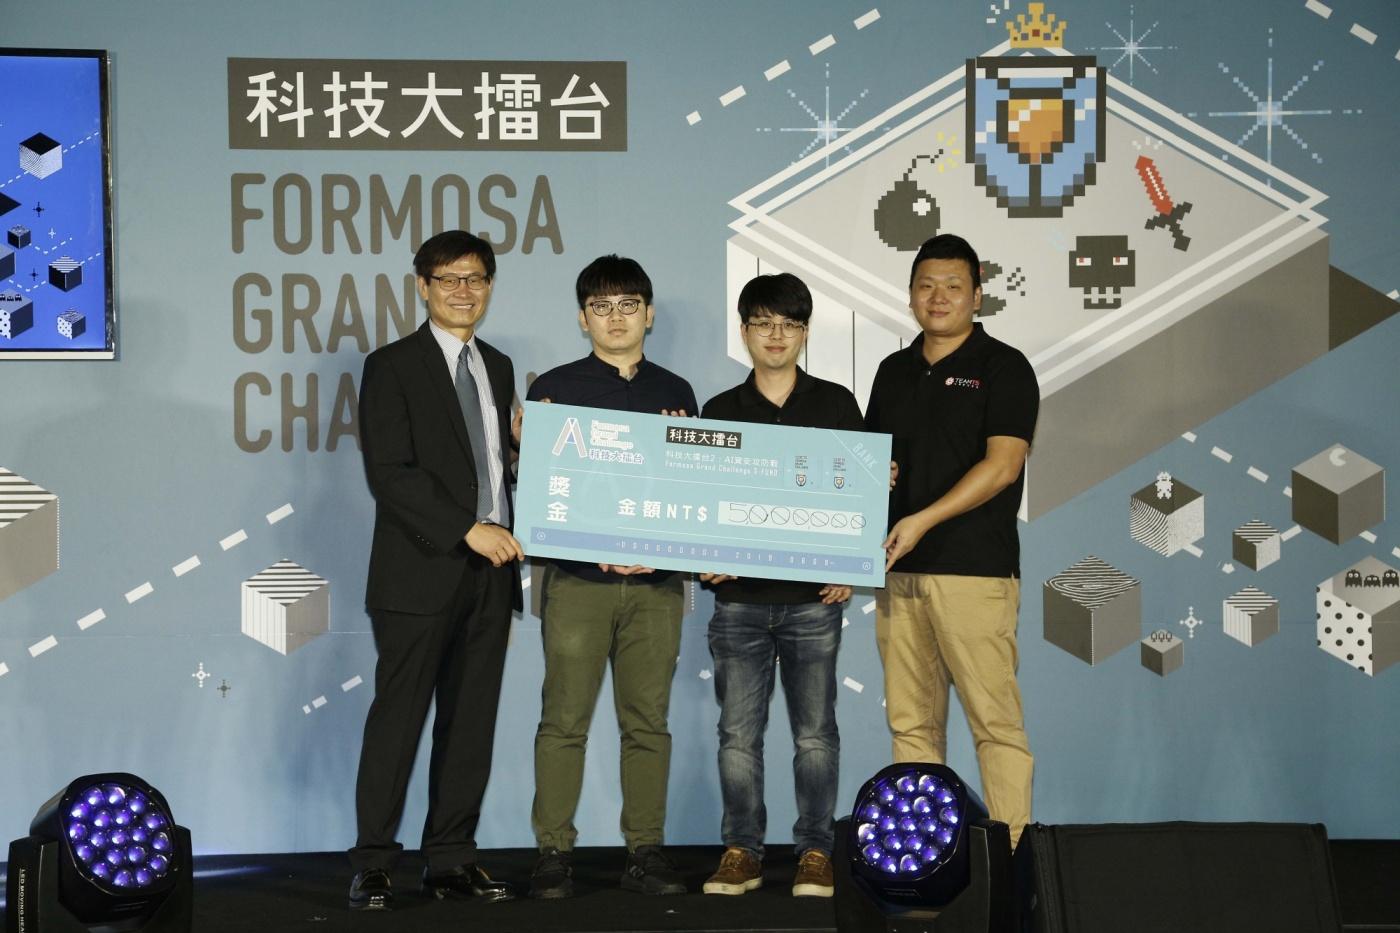 專攻國家級駭客攻擊,這家新創抱走科技部AI資安競賽大獎